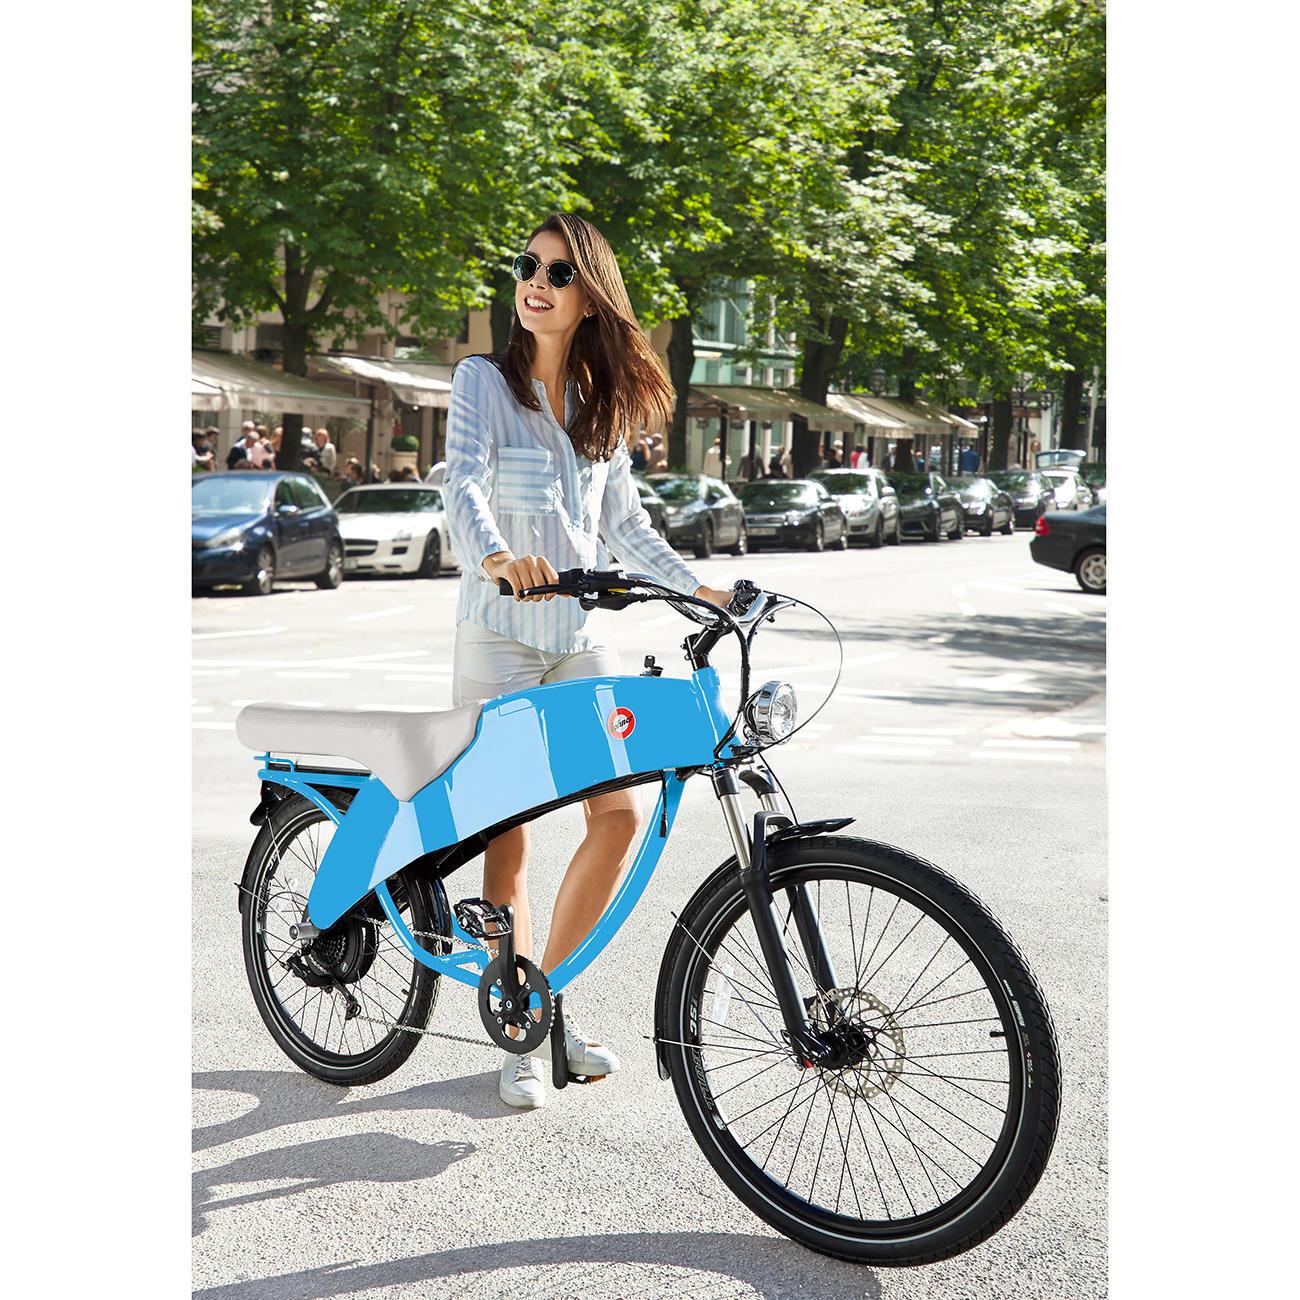 lowest discount detailed pictures amazing selection Stroler 2-Personen-E-Bike, blau, Elektrofahrrad, Pedelec ...